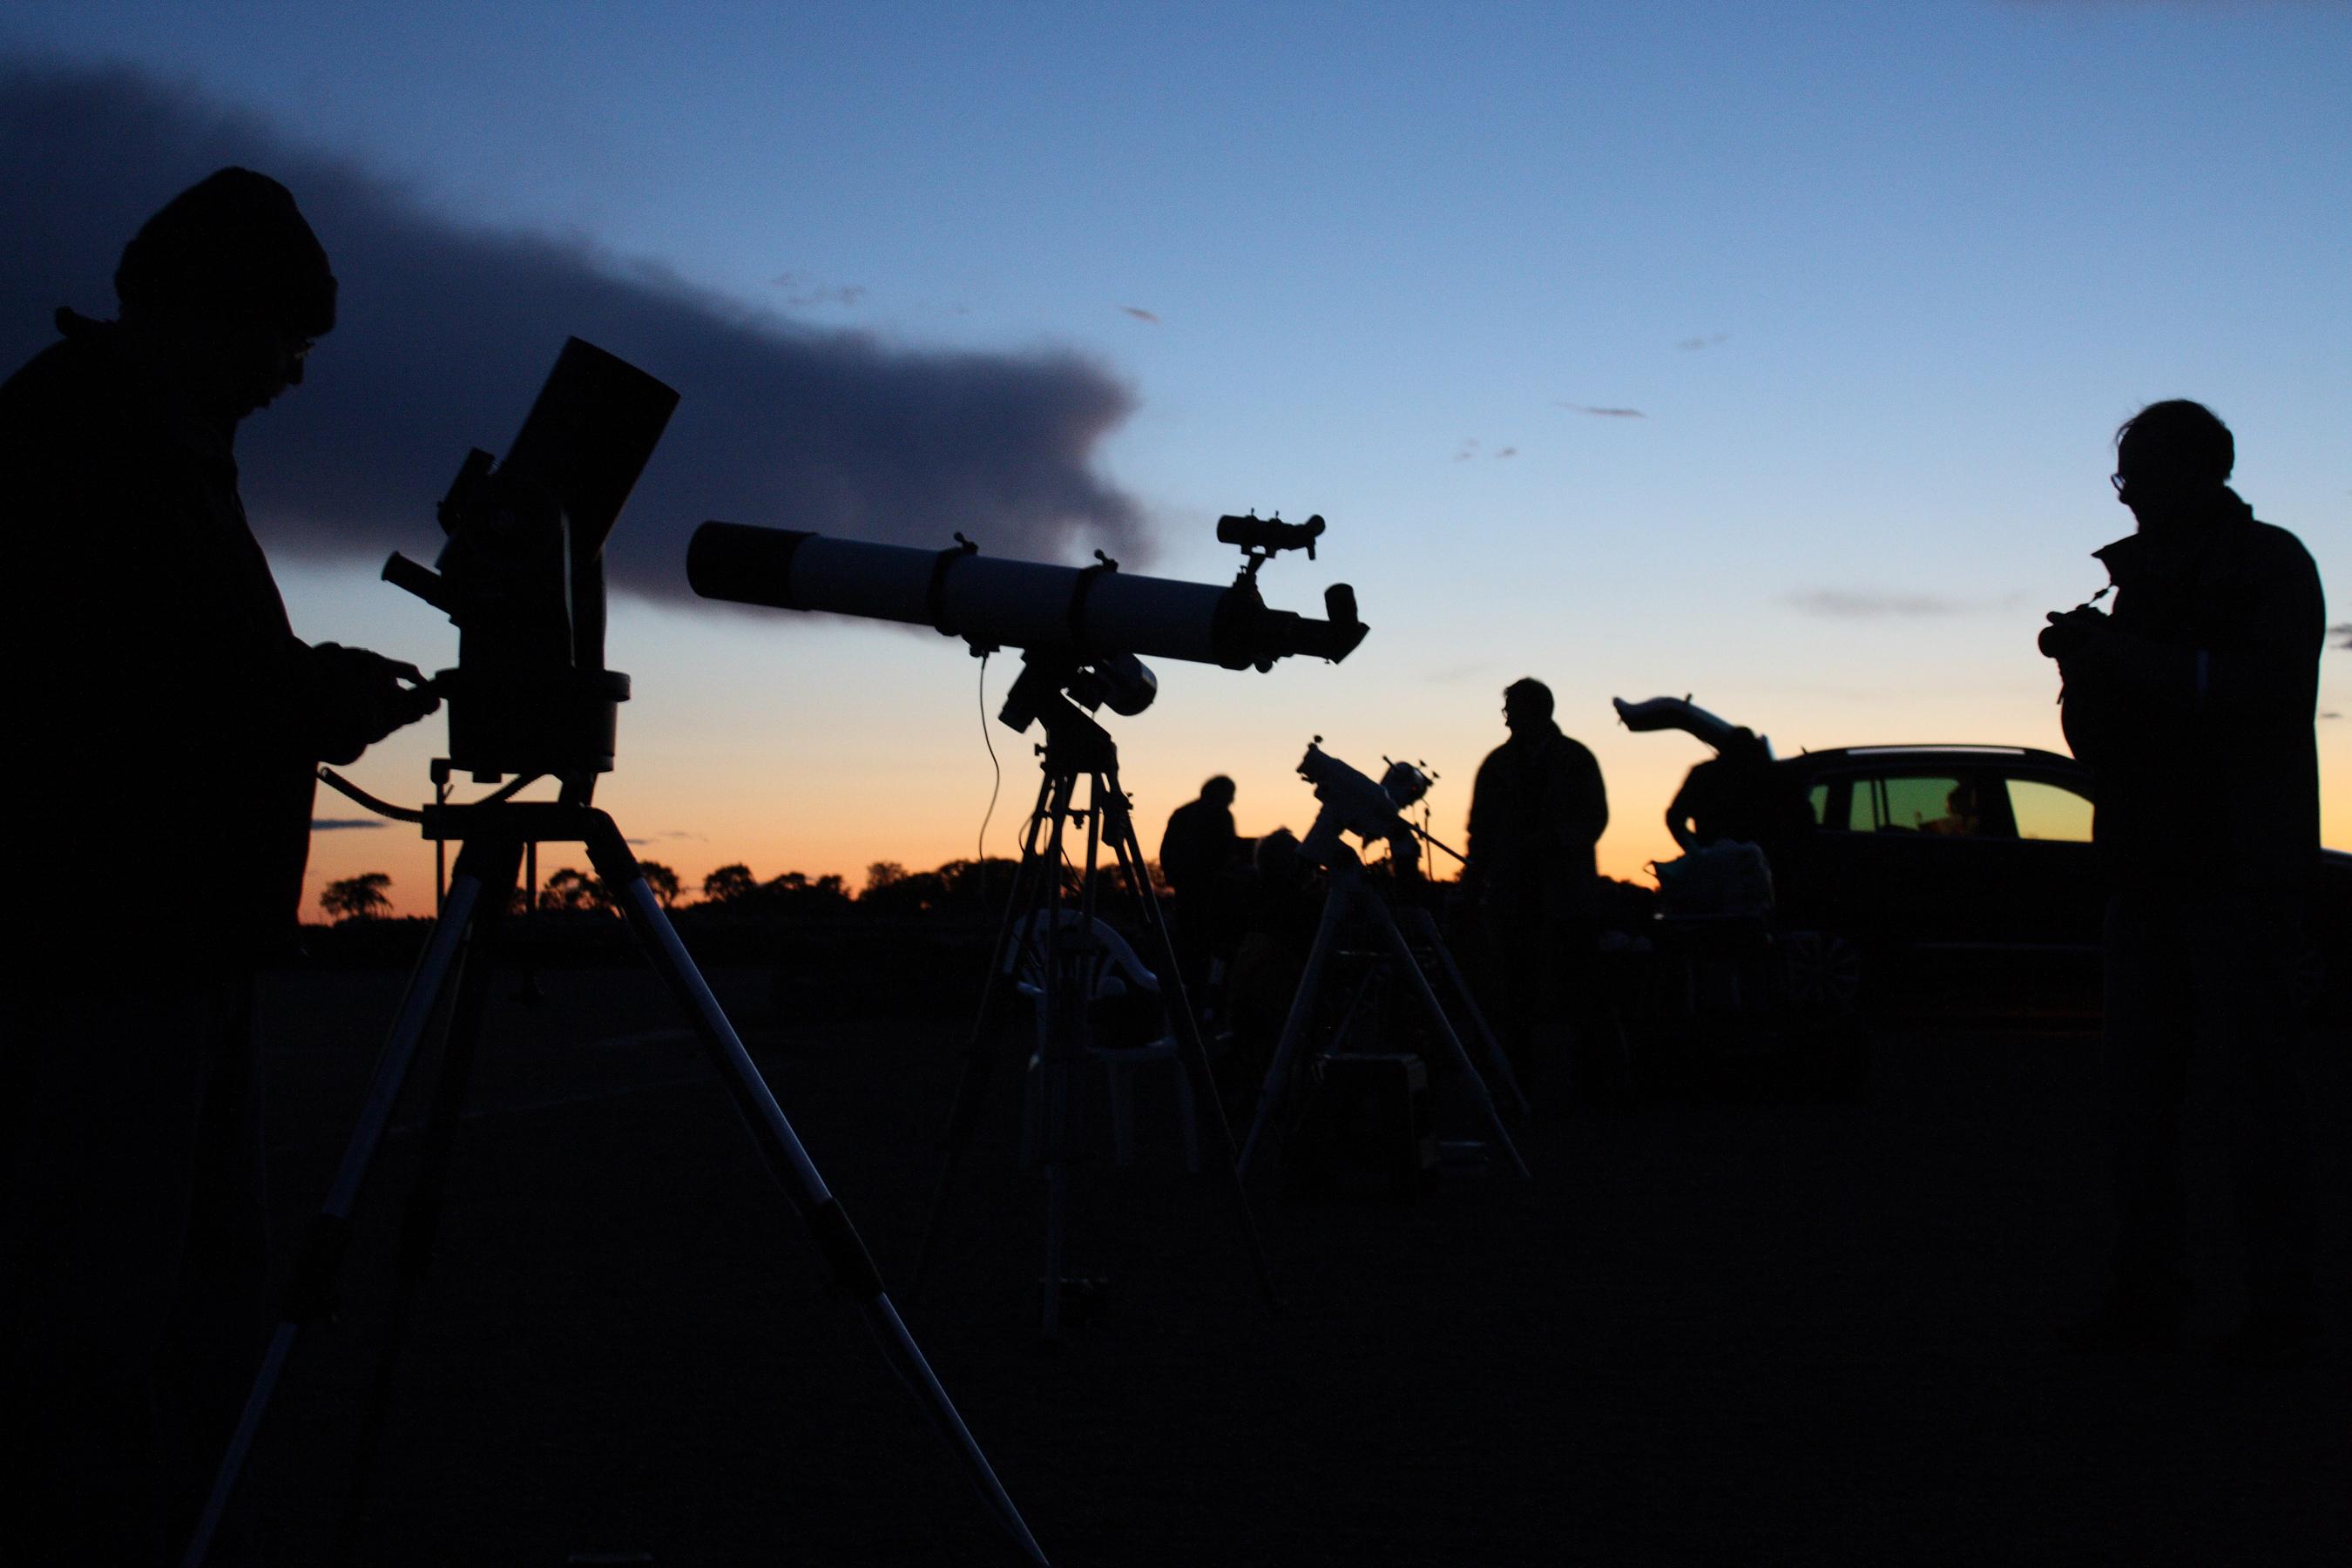 Mera från stjärnträffen Sagittarius 13 på södra Öalnd. Onsdag kväll den 14:e augusti, tjuvstart och det skulle bli en strålande vacker natt, den bästa under träffen